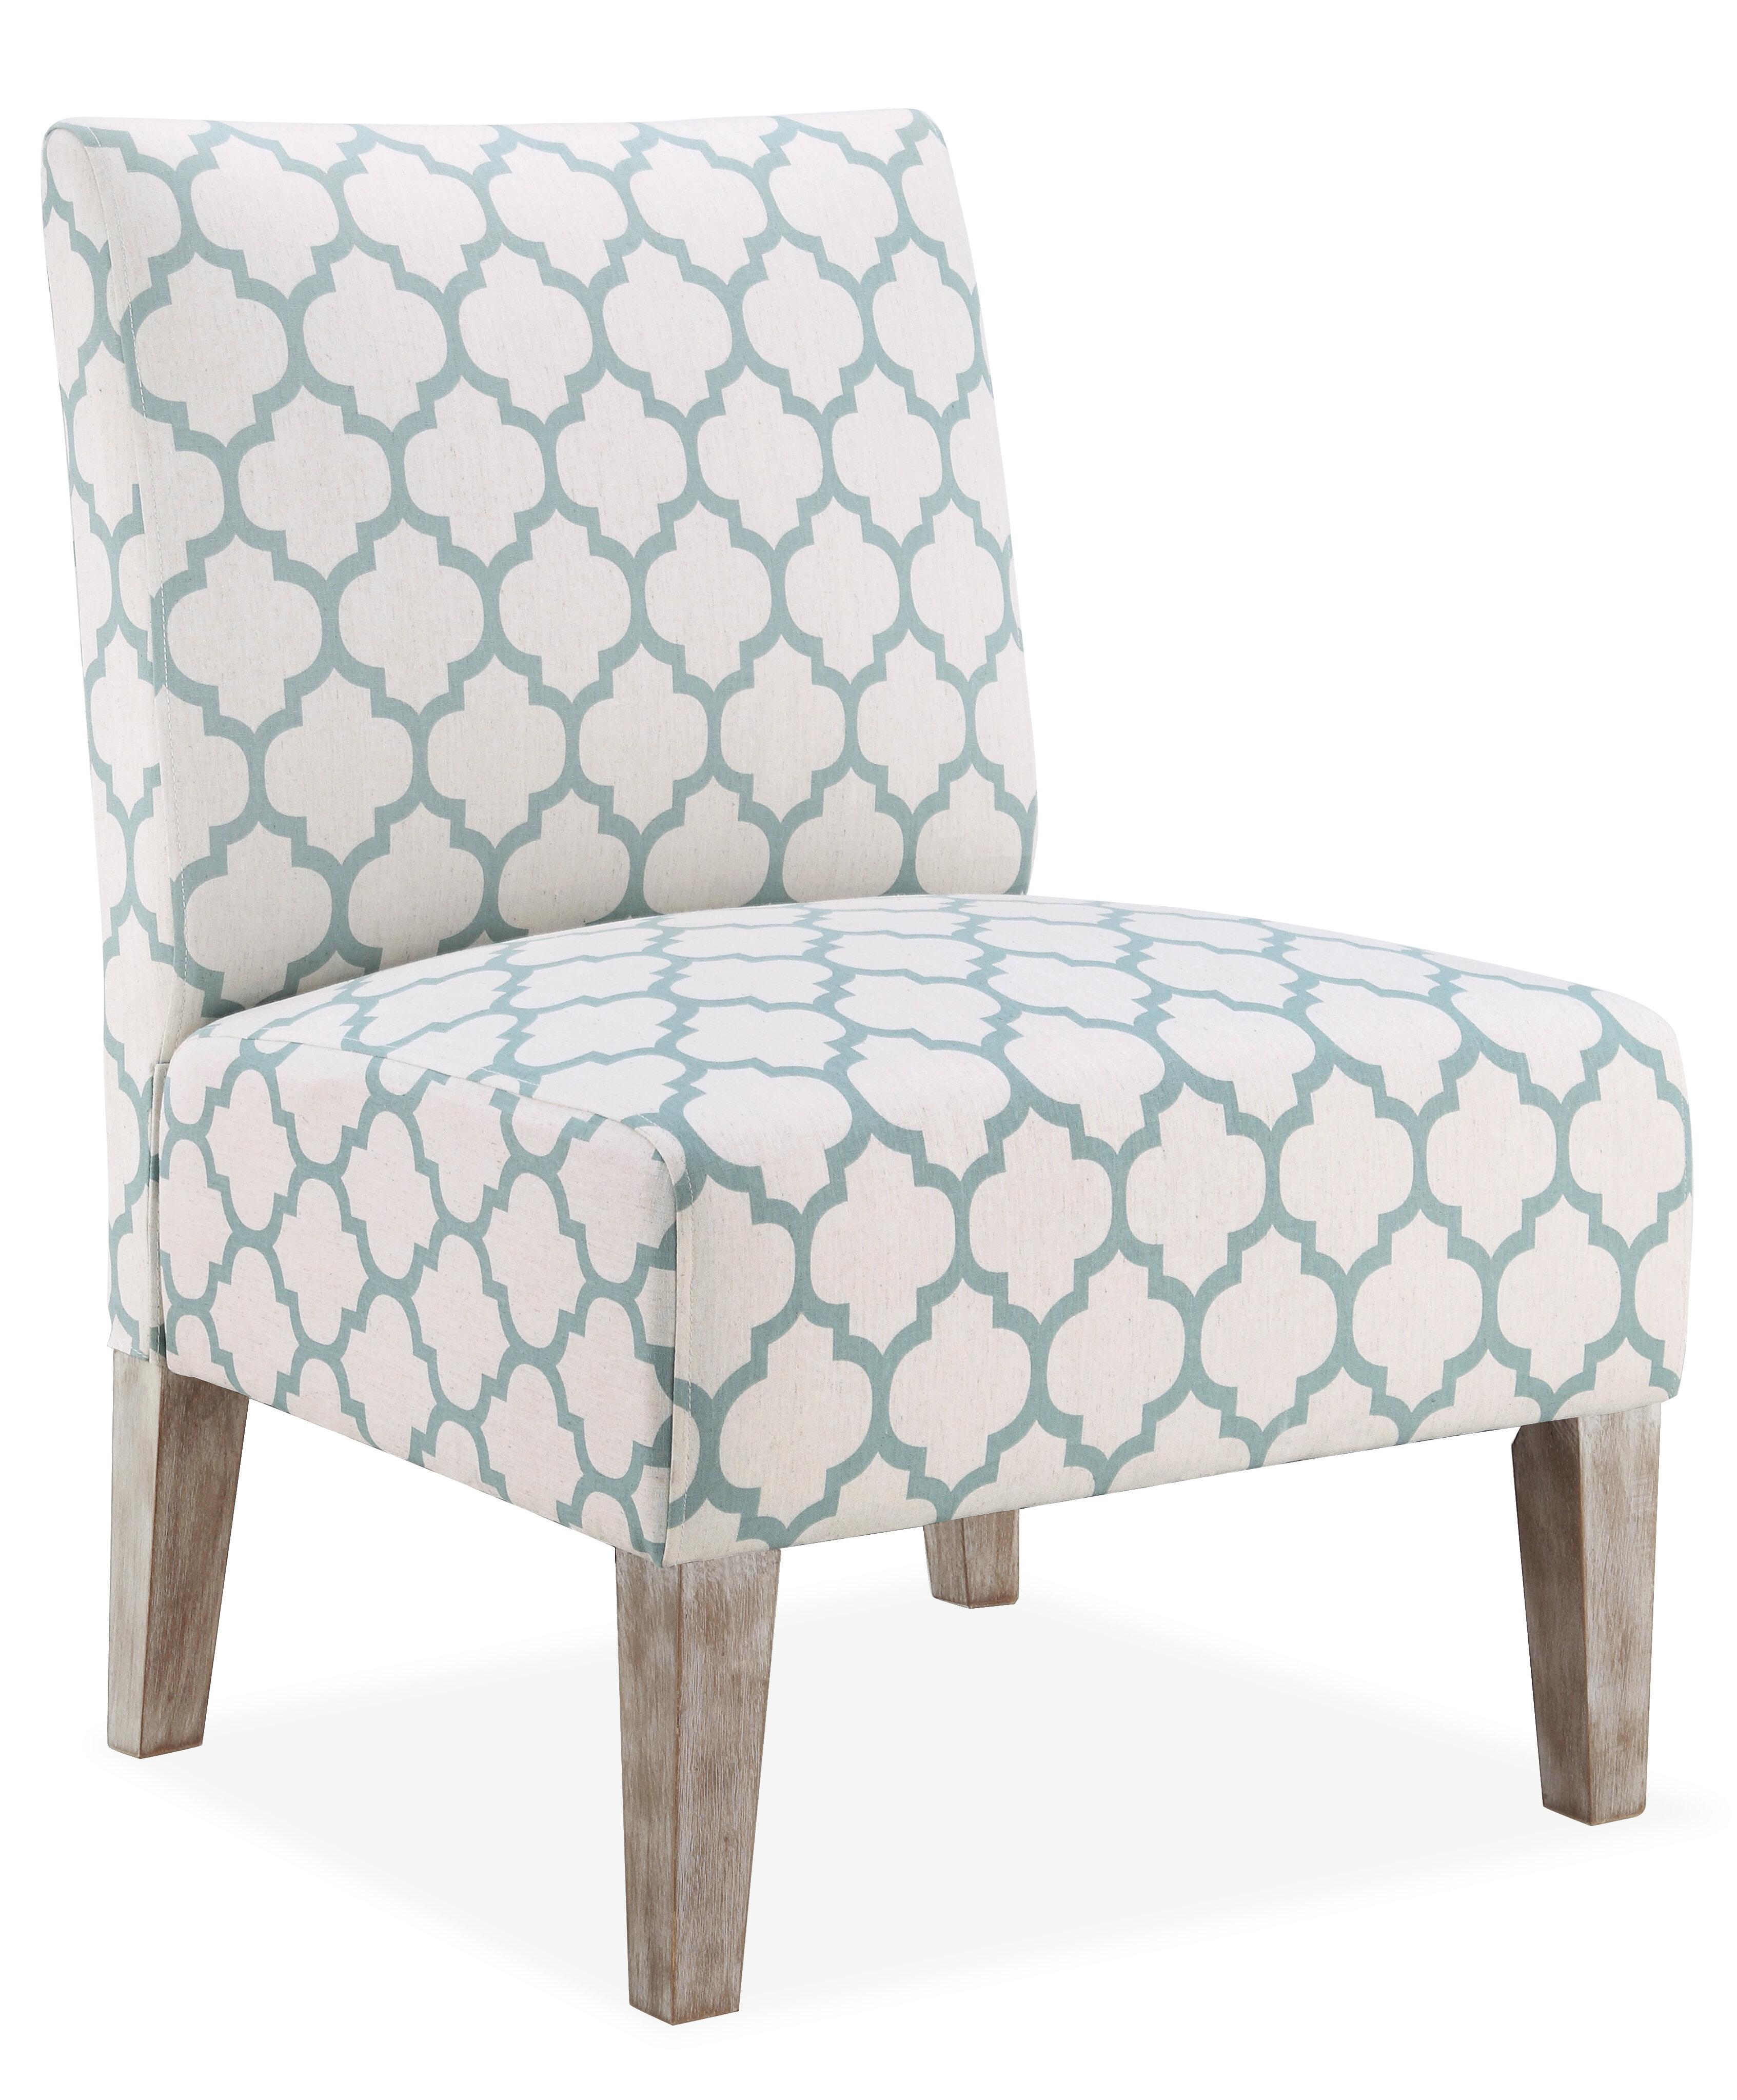 Zipcode Design Rosario Slipper Chair U0026 Reviews | Wayfair